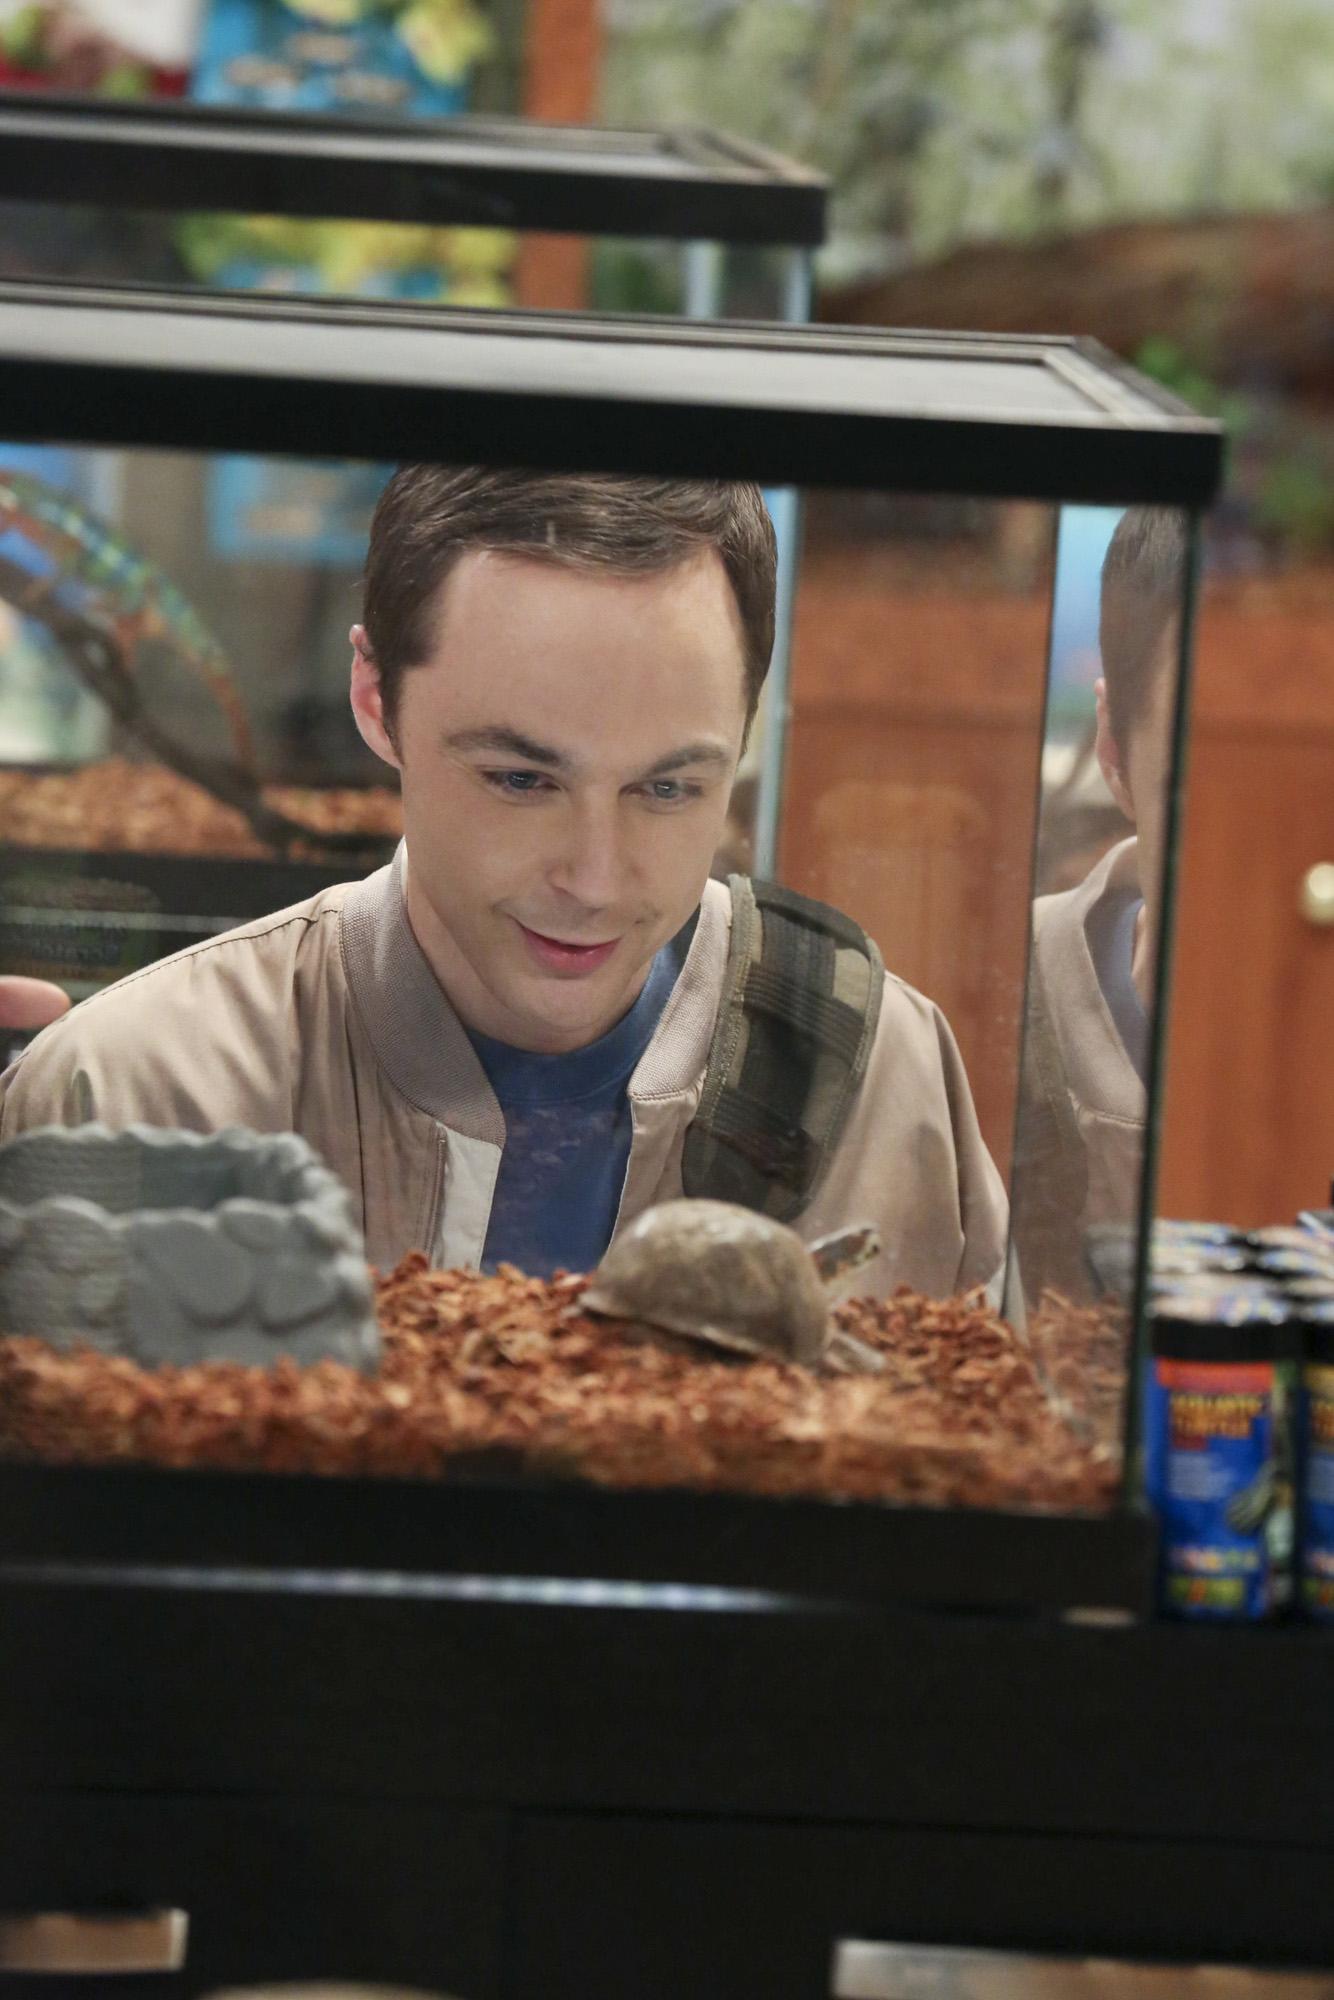 Sheldon eyes an animal